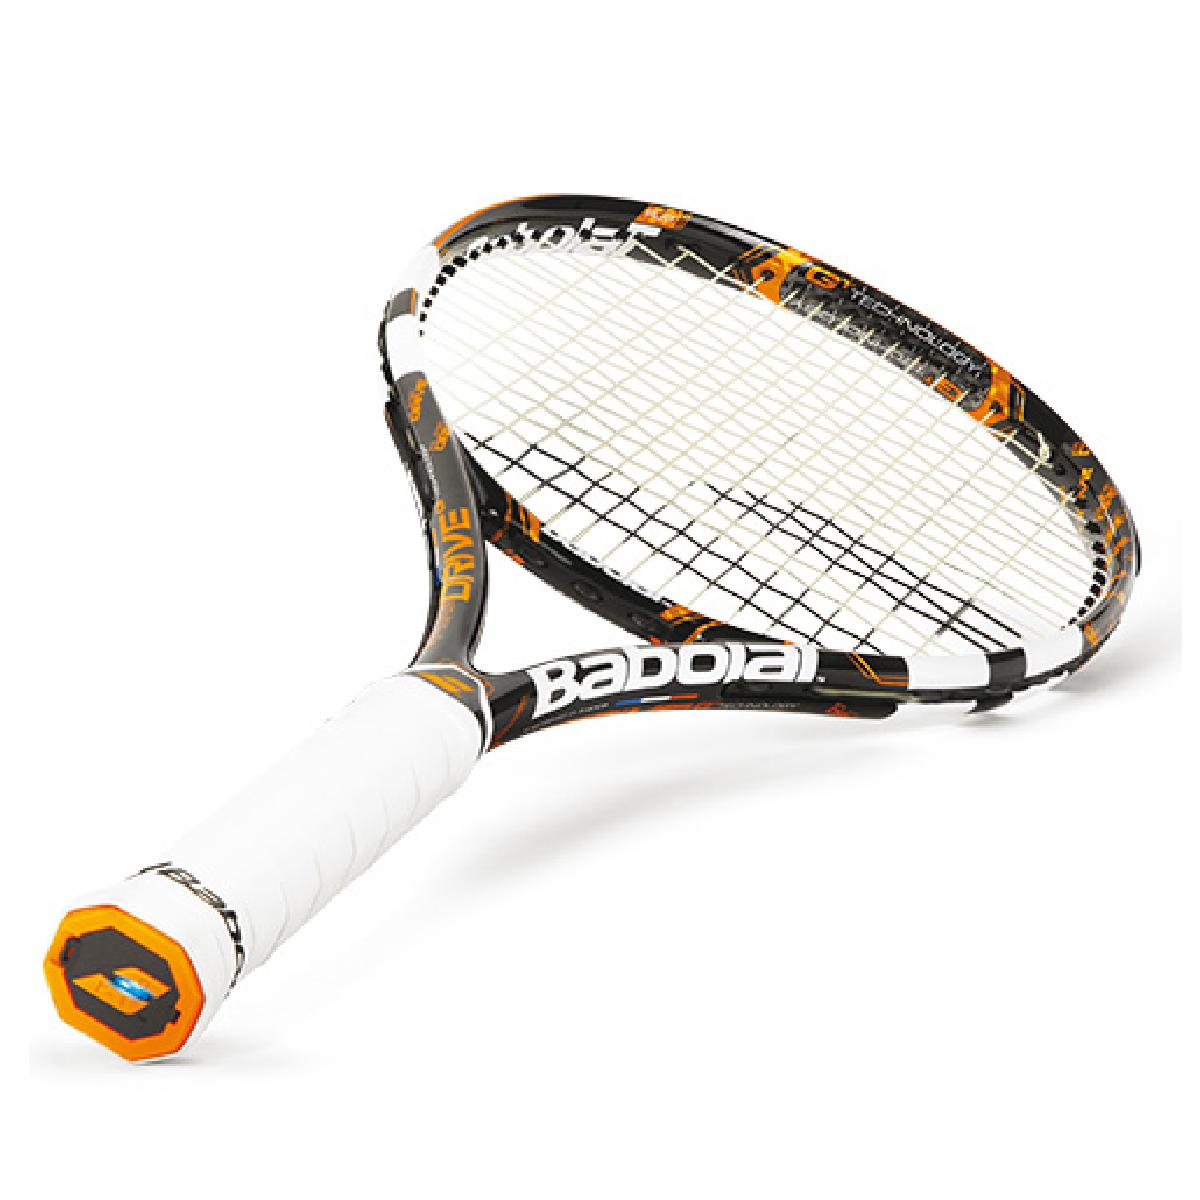 La raquette Babolat Play examine tout vos mouvements lors de votre partie de tennis.